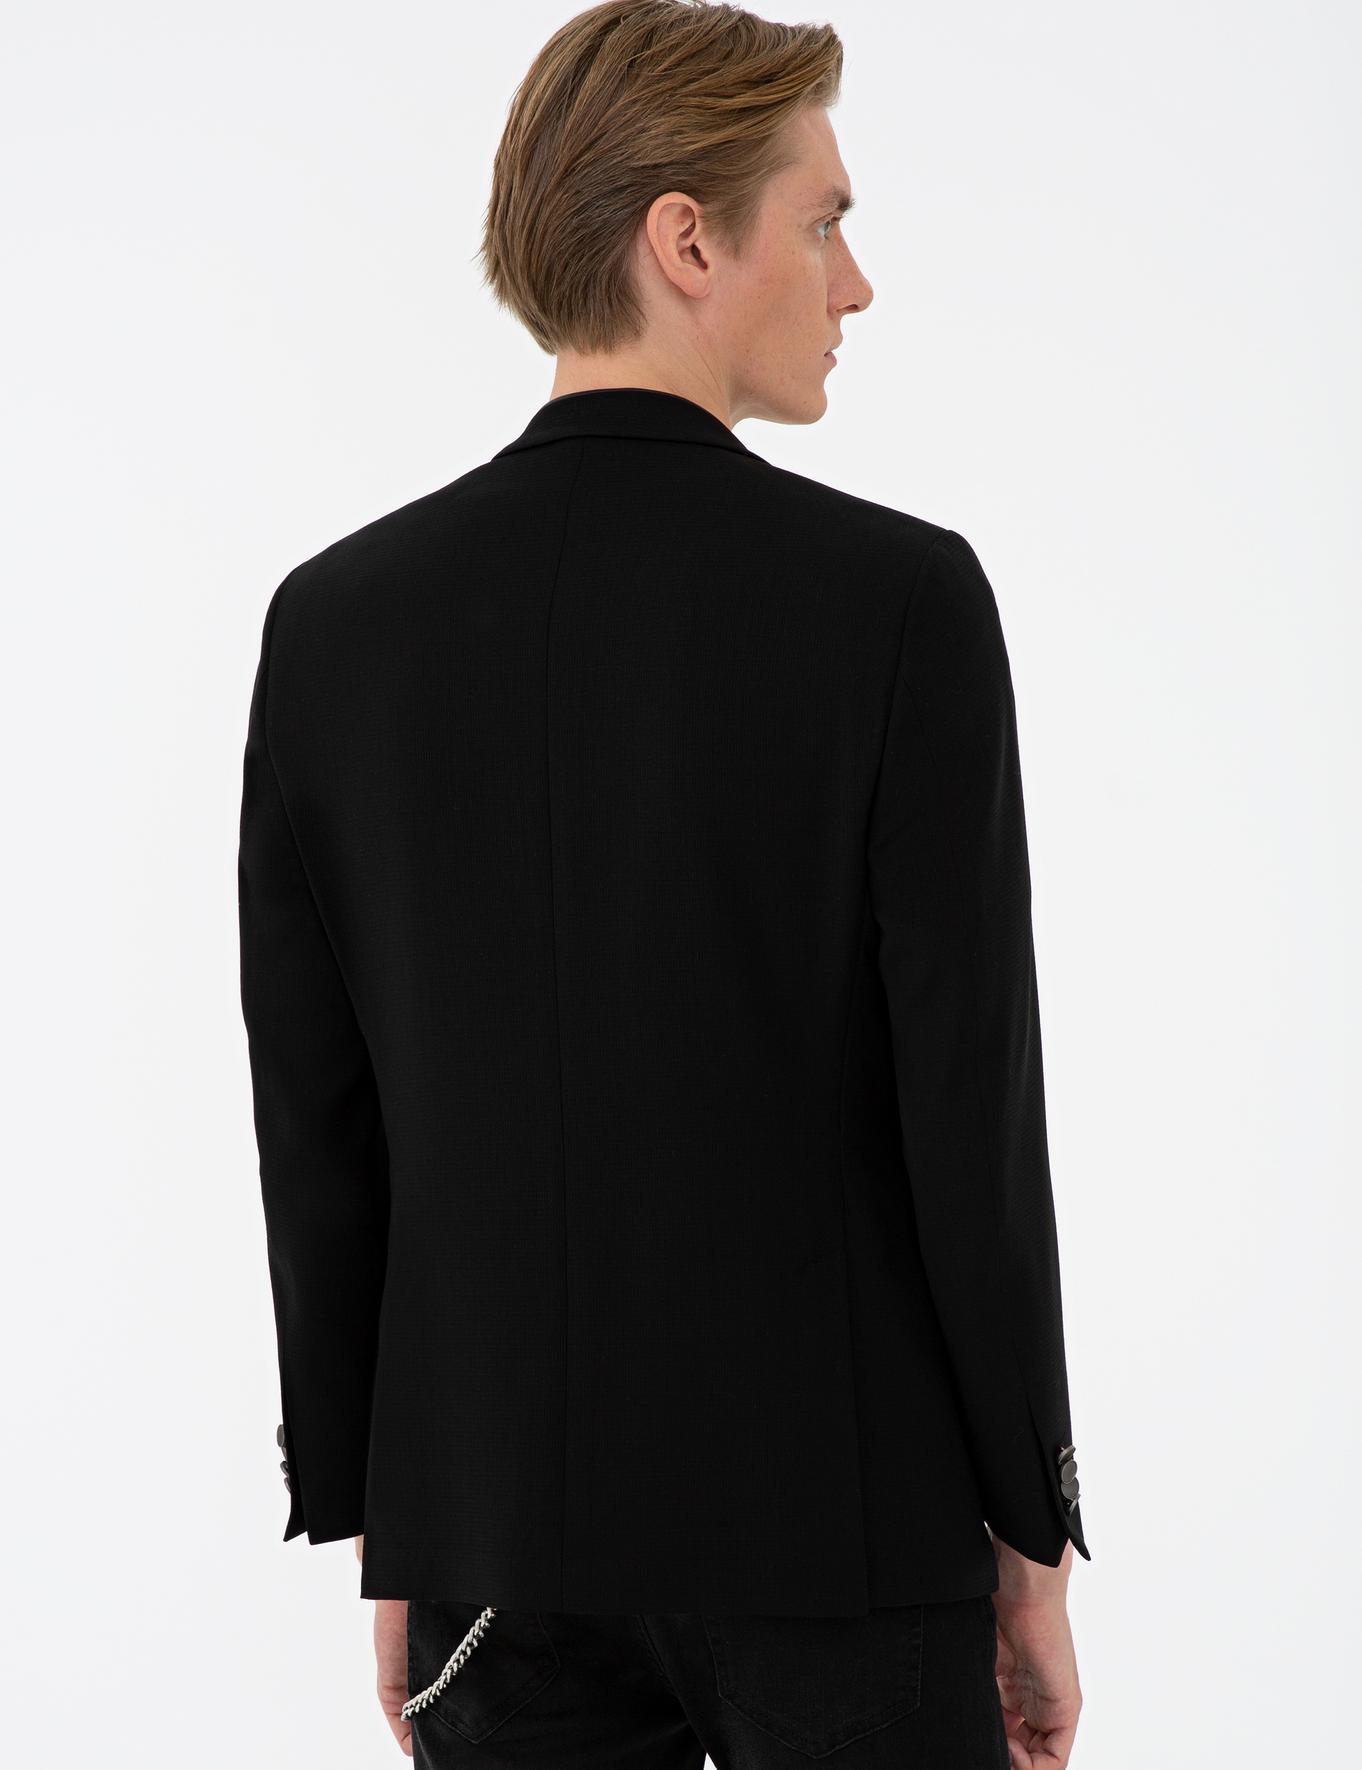 Siyah Ex. Slim Fit Ceket - 50234625017